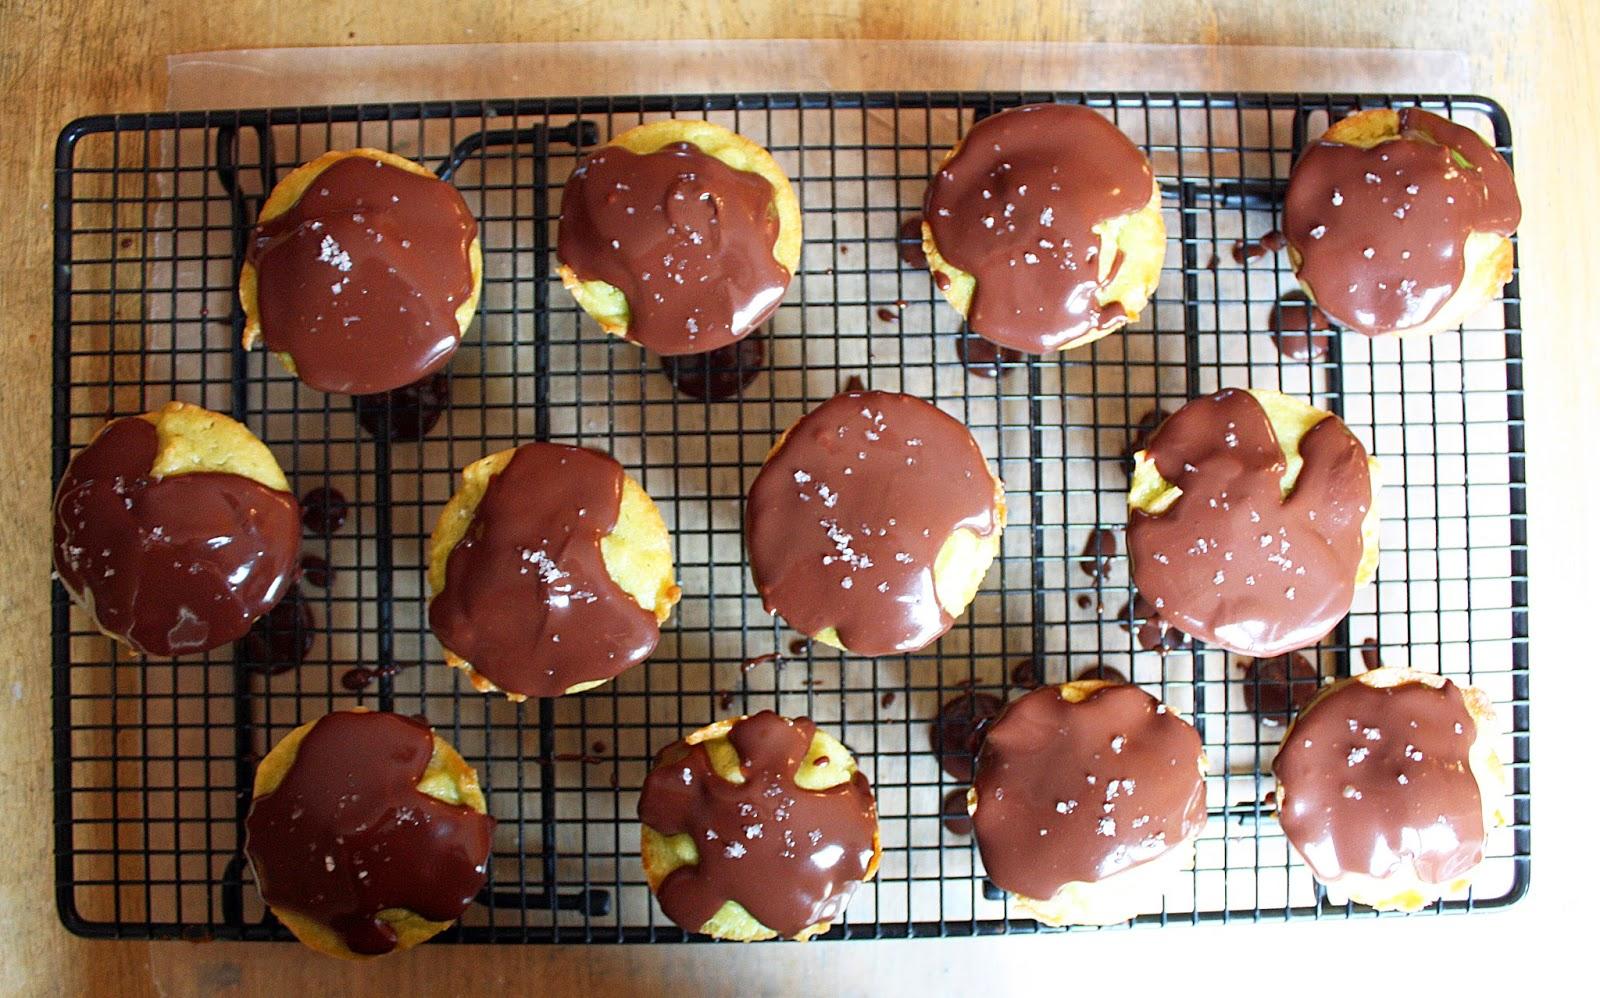 vegan avocado pound cake cupcakes with chocolate ganache and sea salt